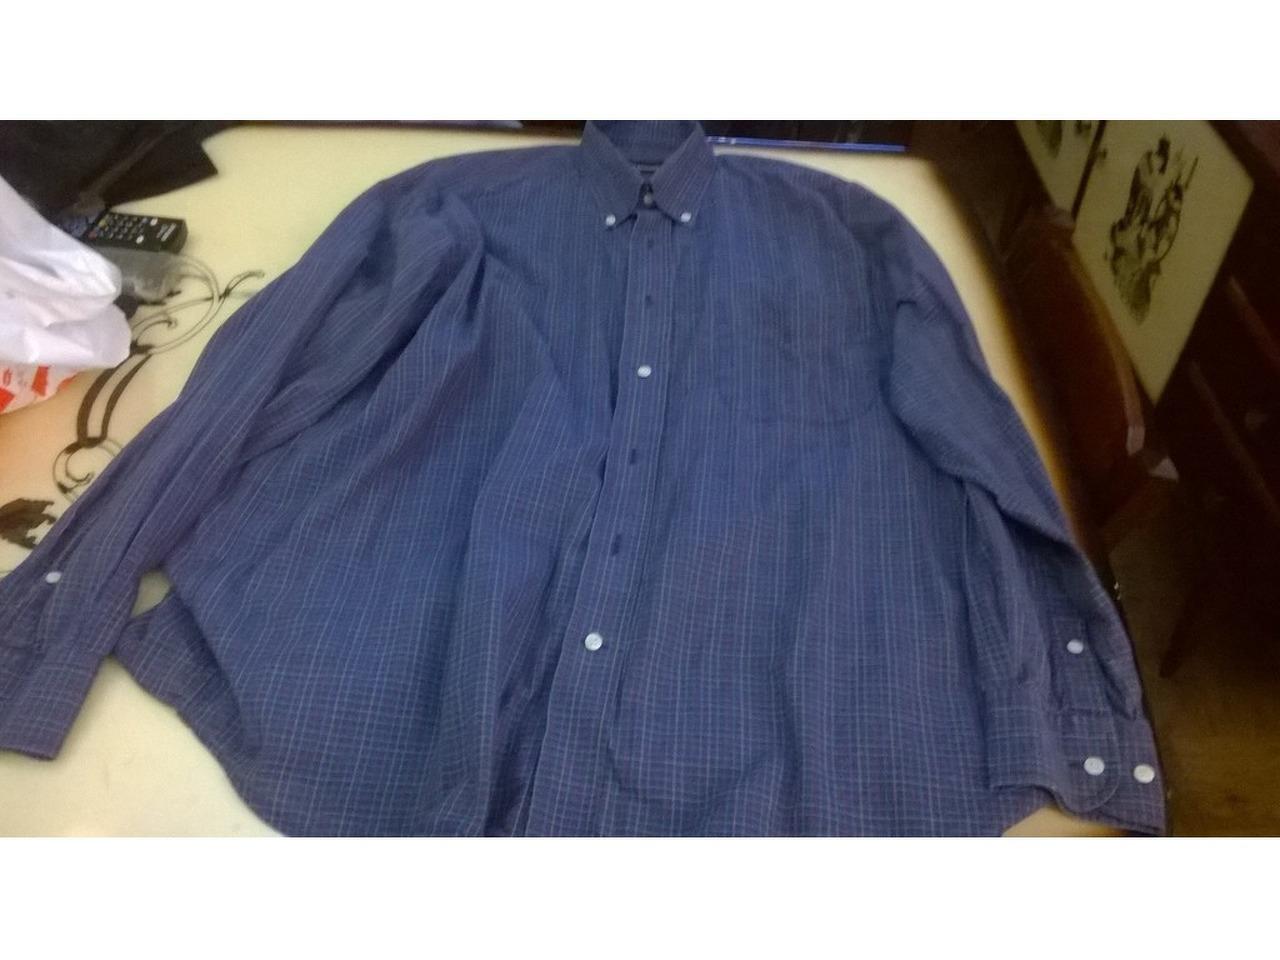 Camisas Califa, Barred's, G.Fellini, A.Milano, etc - 6/7